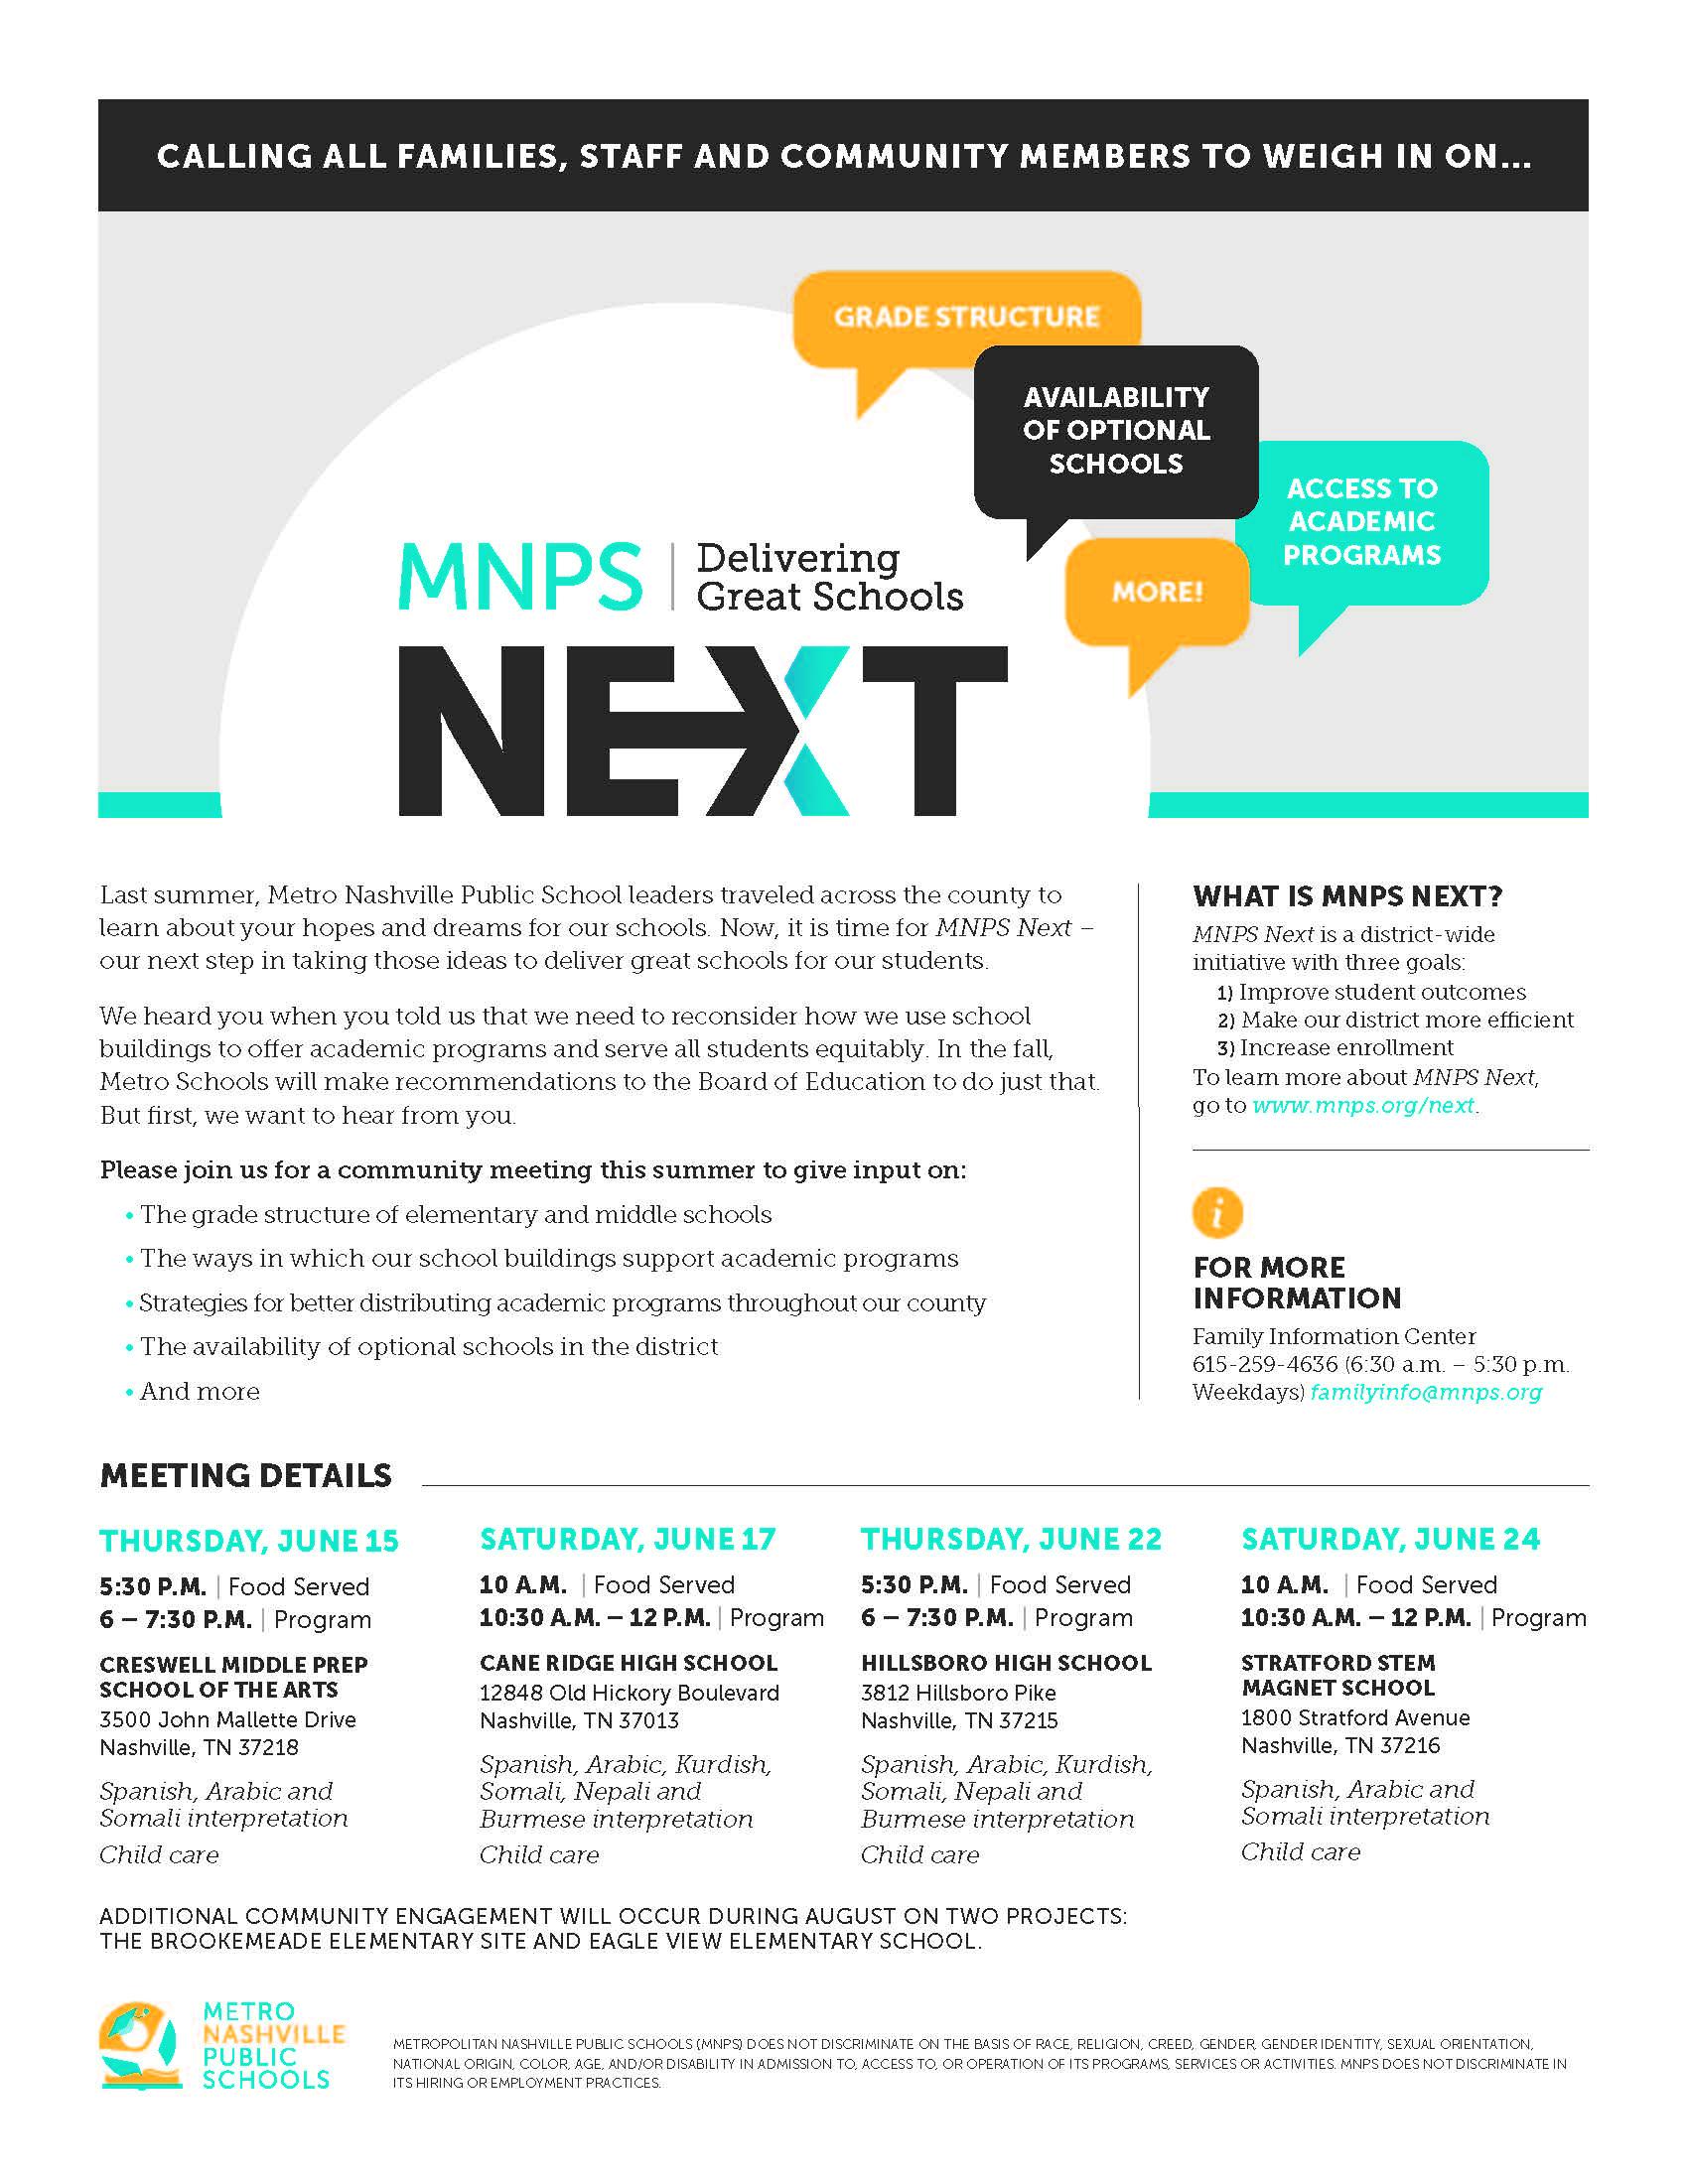 MNPSNext_June Meeting Flier - English